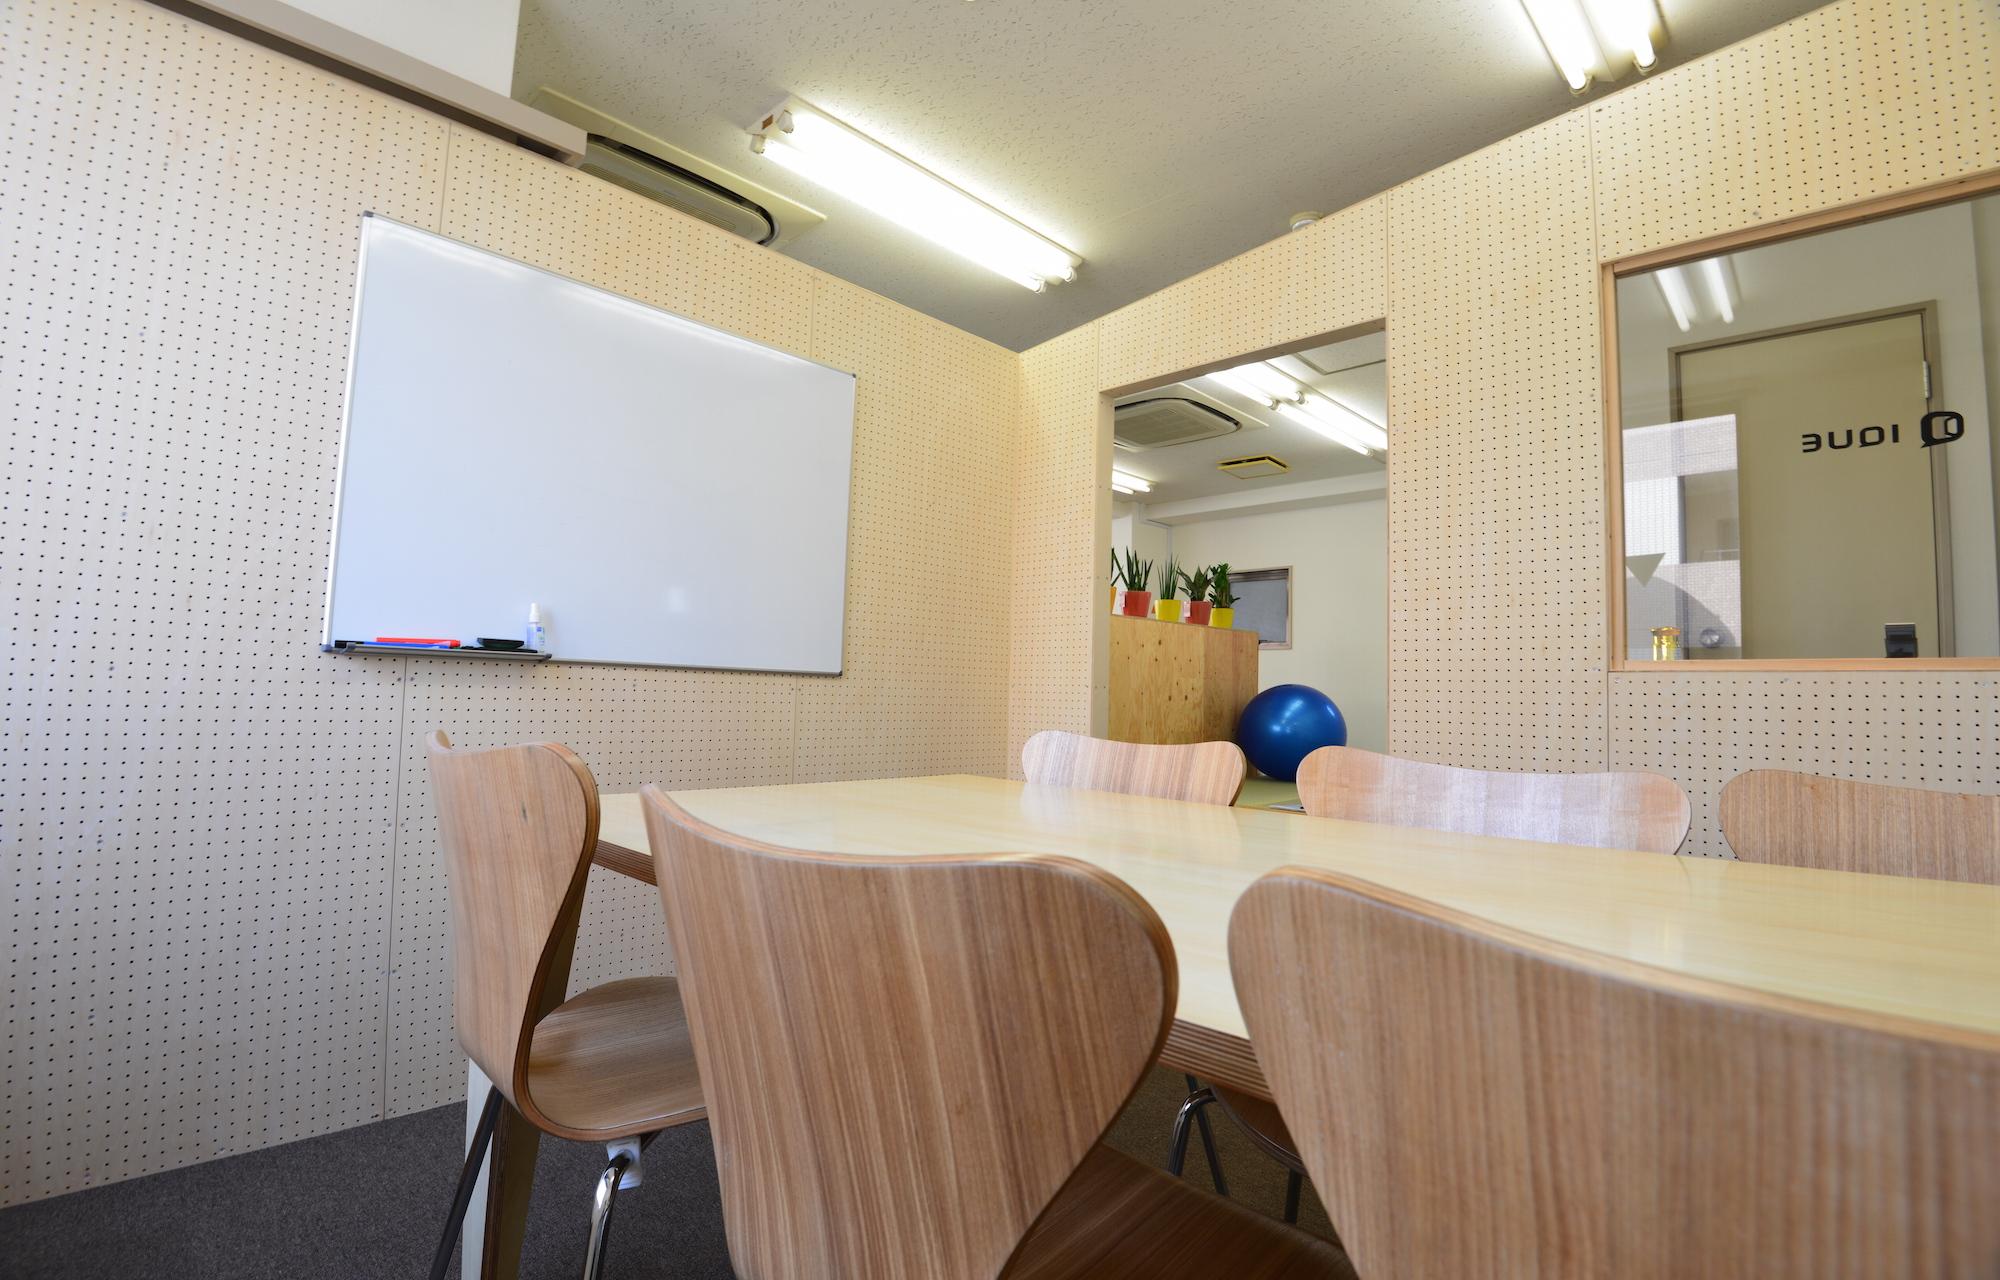 アイキュー株式会社 Meeting Space デザイン・レイアウト事例